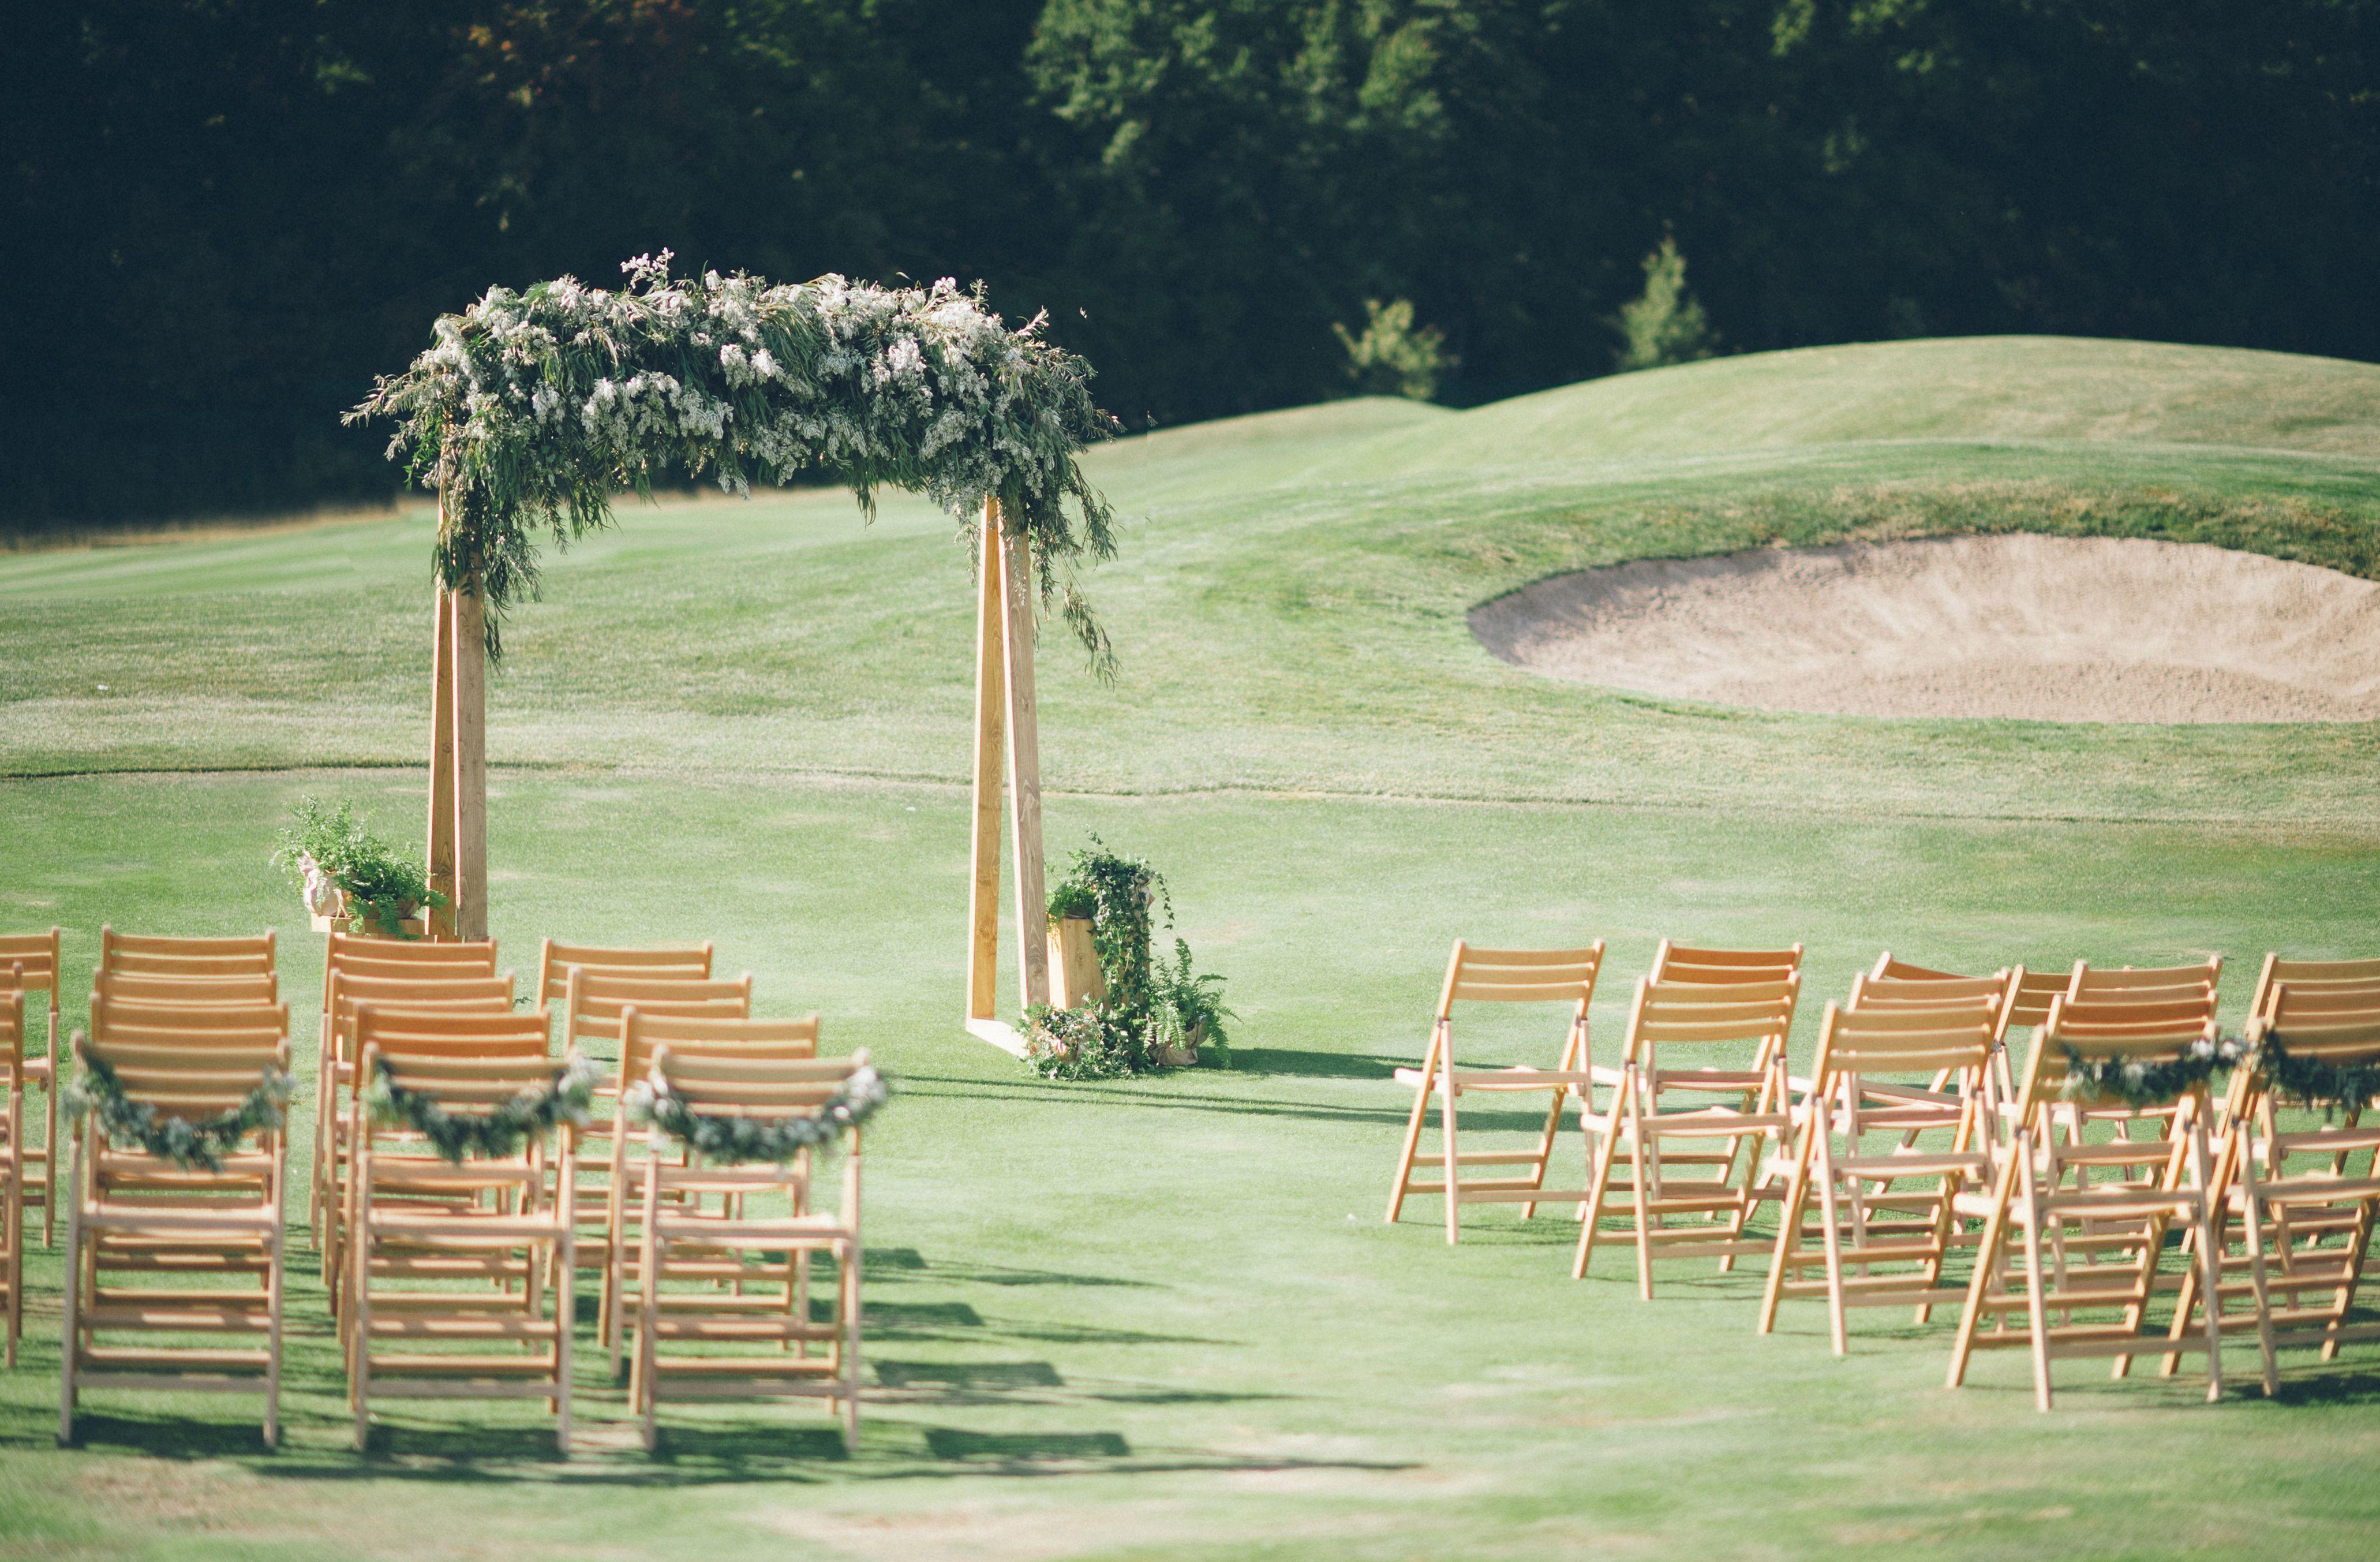 wedding ceremony, wedding arch, wedding decor, wedding flowers, церемония, свадебная арка, свадебная флористика, оформление свадьбы